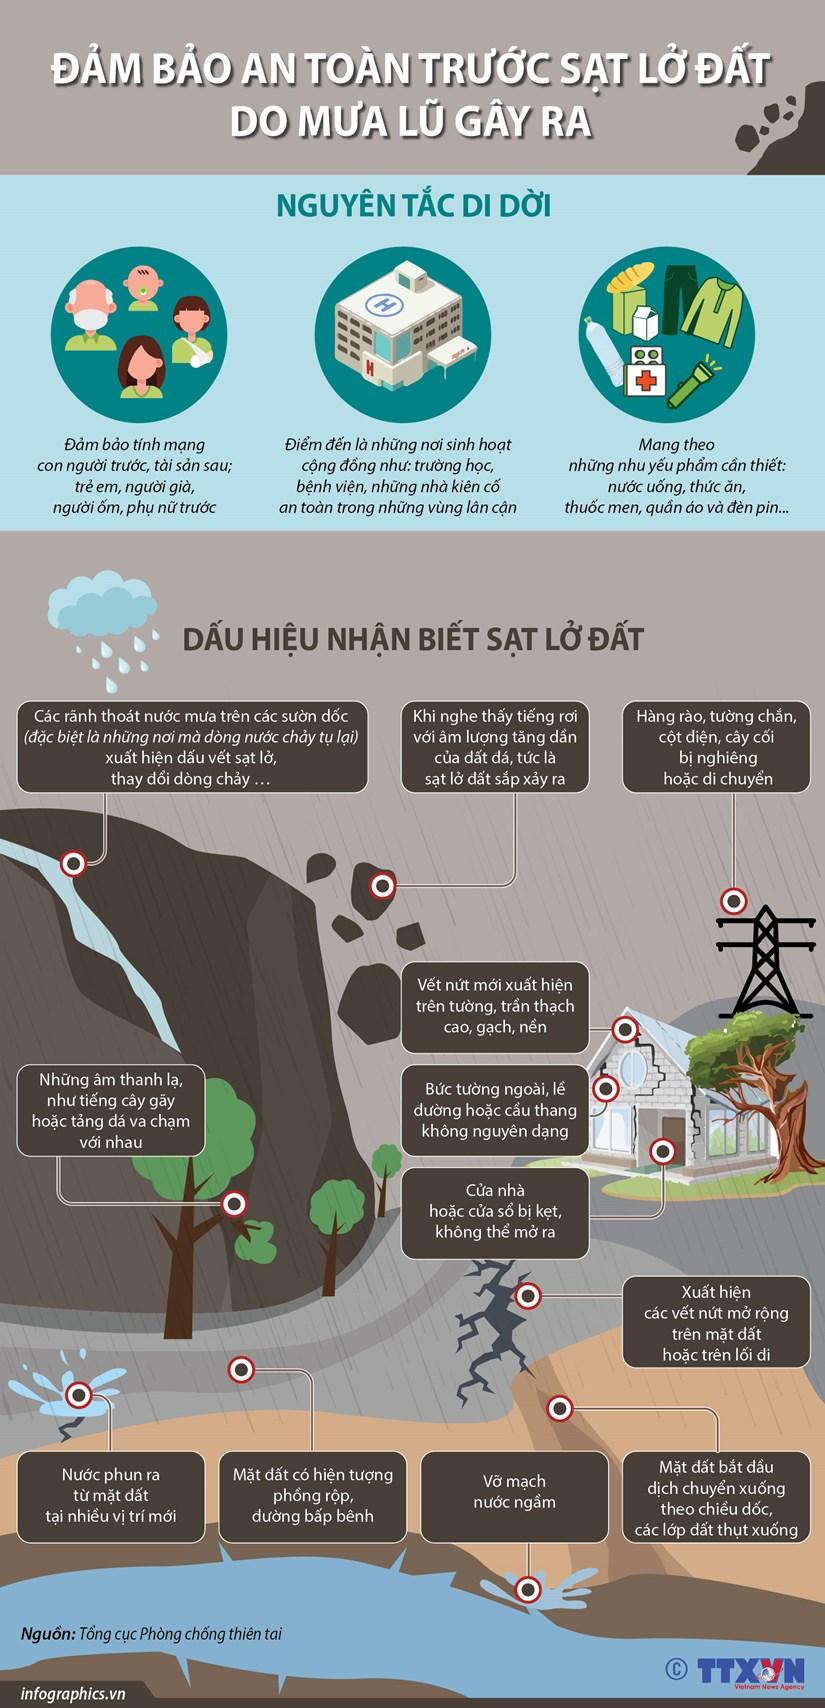 [Infographics] Dam bao an toan truoc sat lo dat do mua lu gay ra hinh anh 1